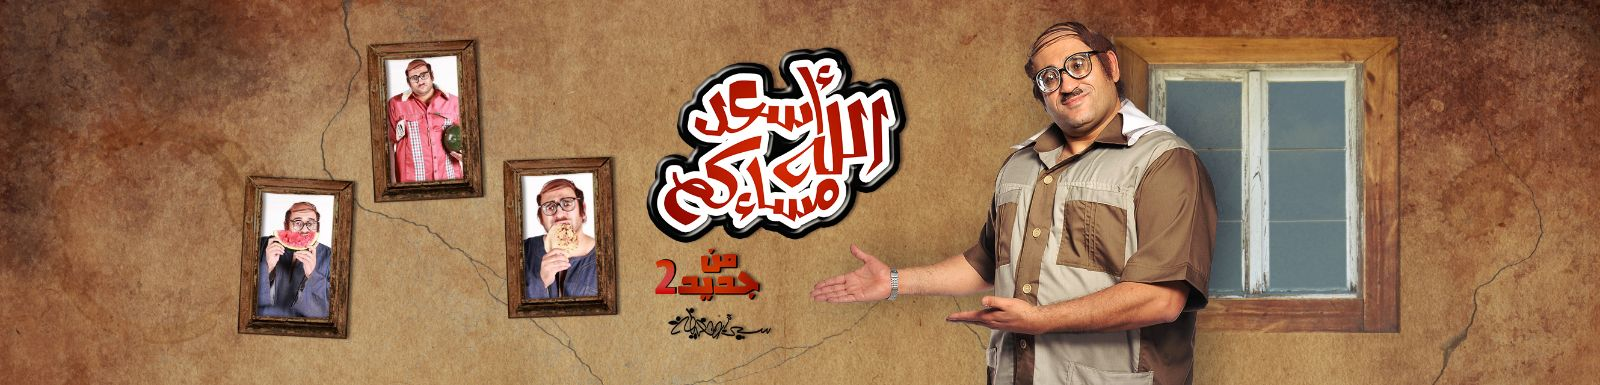 مشاهدة برنامج أسعد الله مسائكم الحلقة 28 الموسم الثاني اليوم السبت 17-1-2015 كاملة